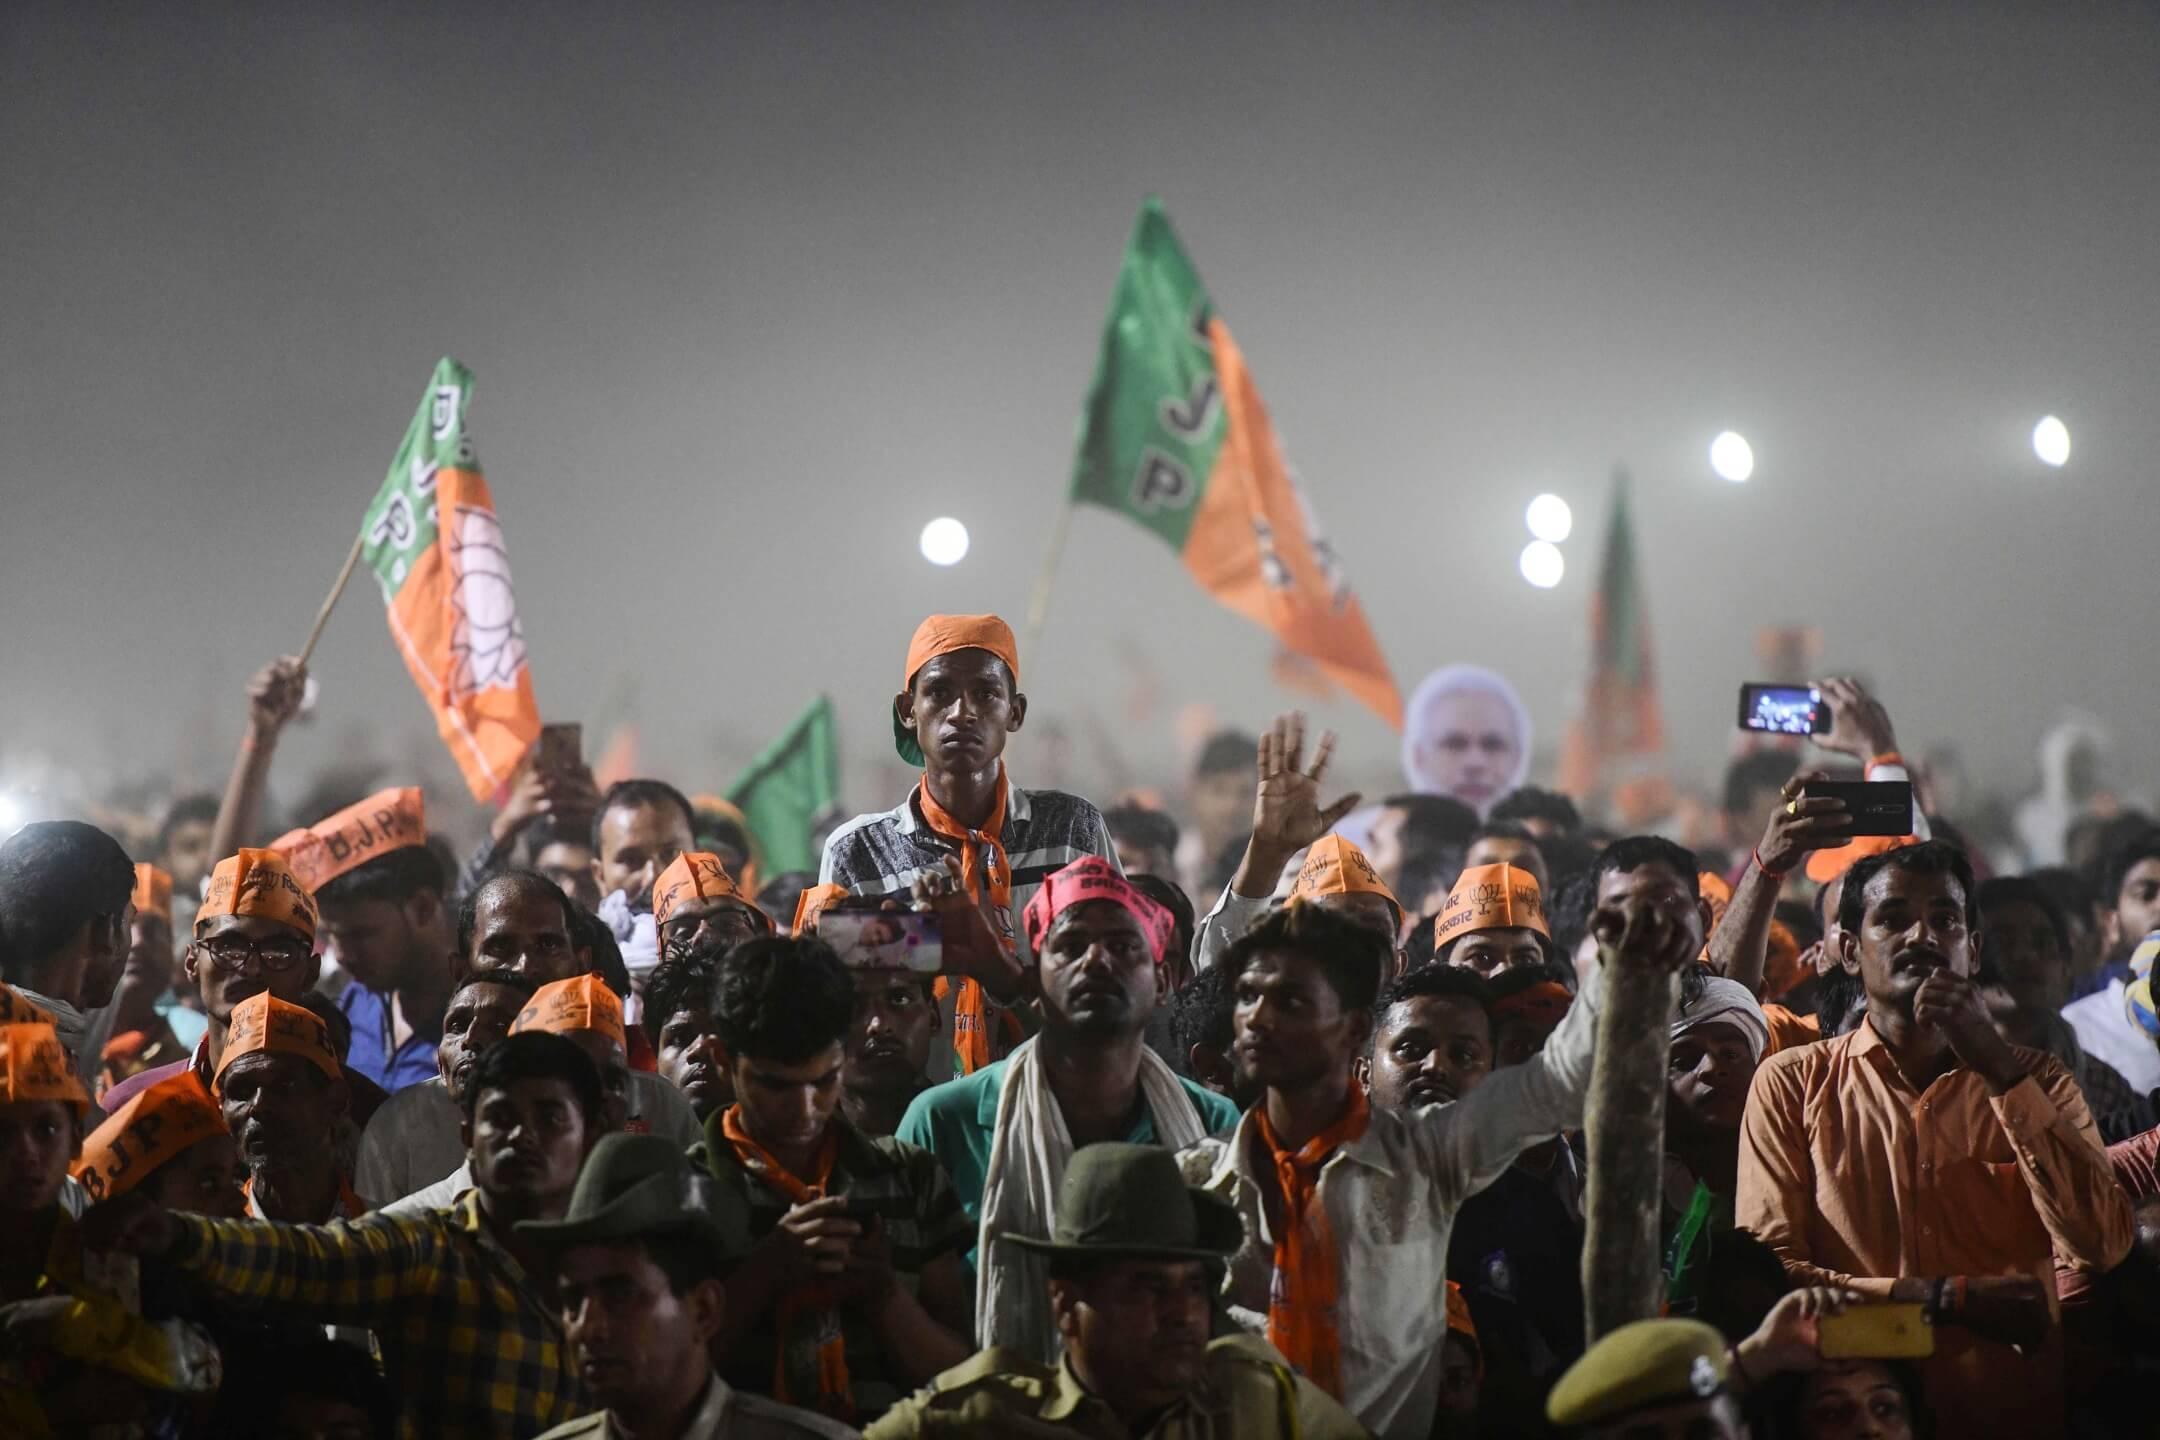 2019年5月9日,印度人民黨支持者到阿拉哈巴德參加一個選舉造勢大會,等候競逐連任的首相莫迪發表講話。 攝:Sanjay Kanojia/AFP/Getty Images